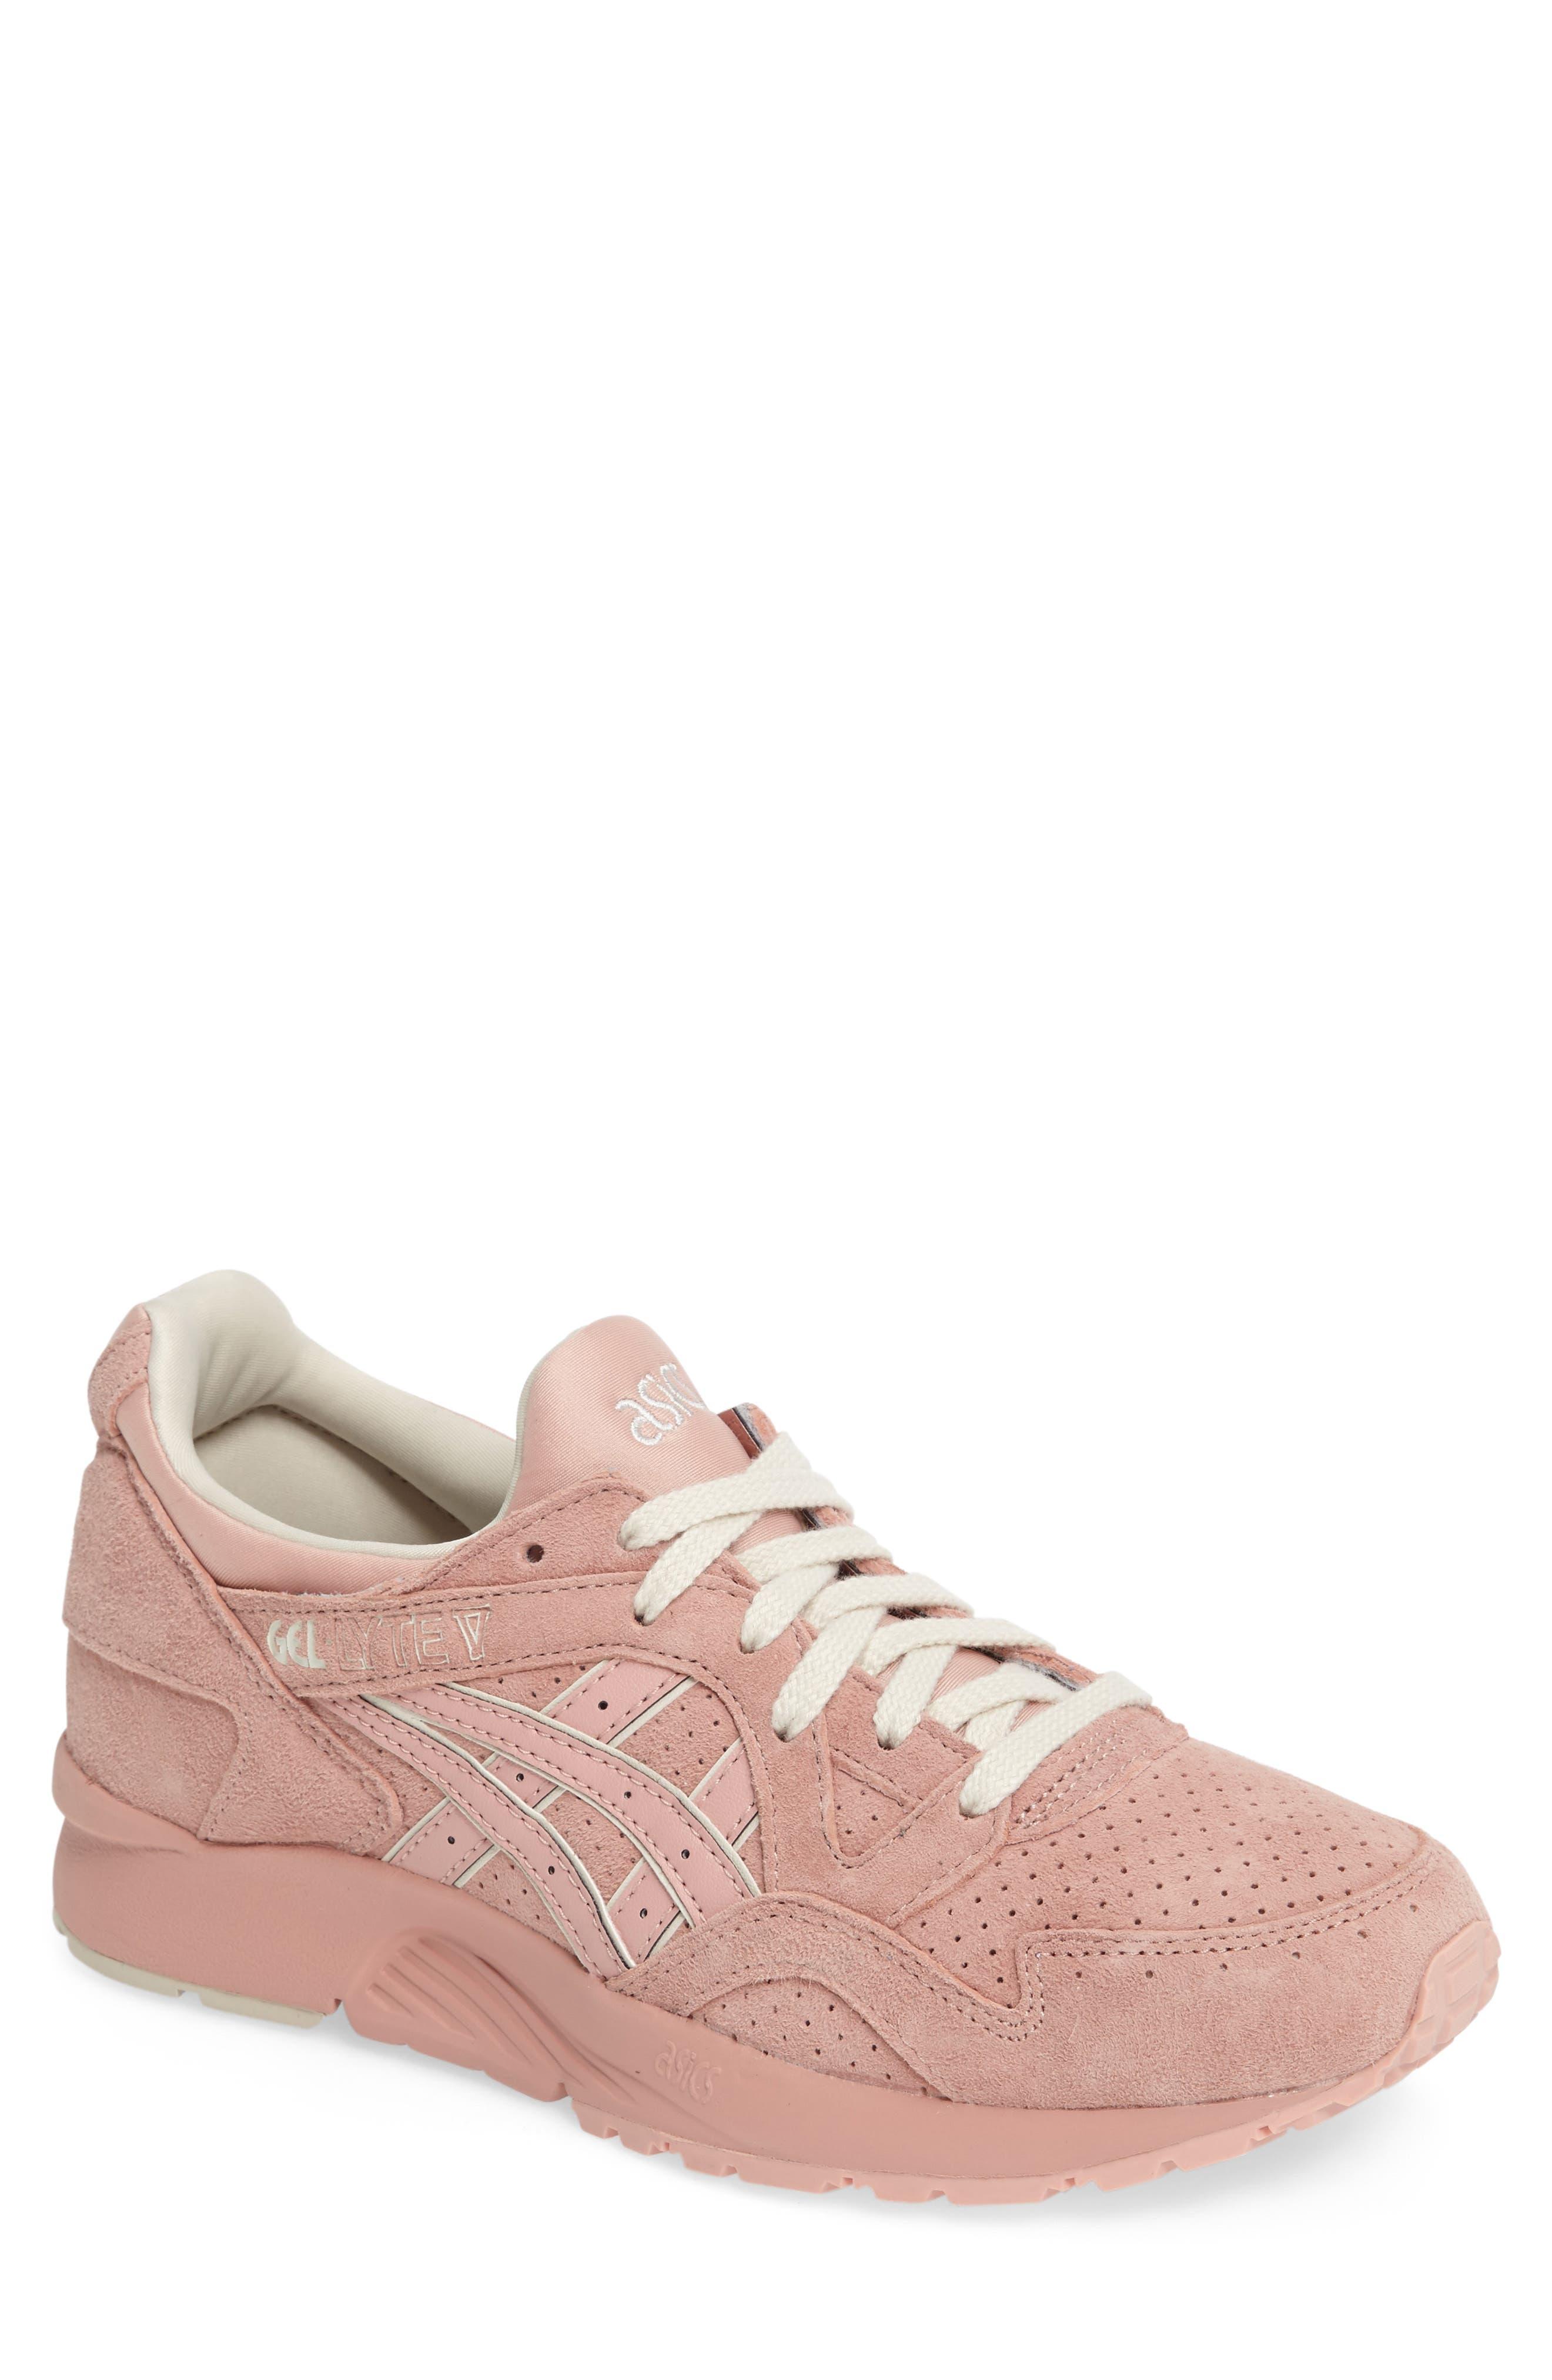 GEL-Lyte V Sneaker,                             Main thumbnail 1, color,                             658